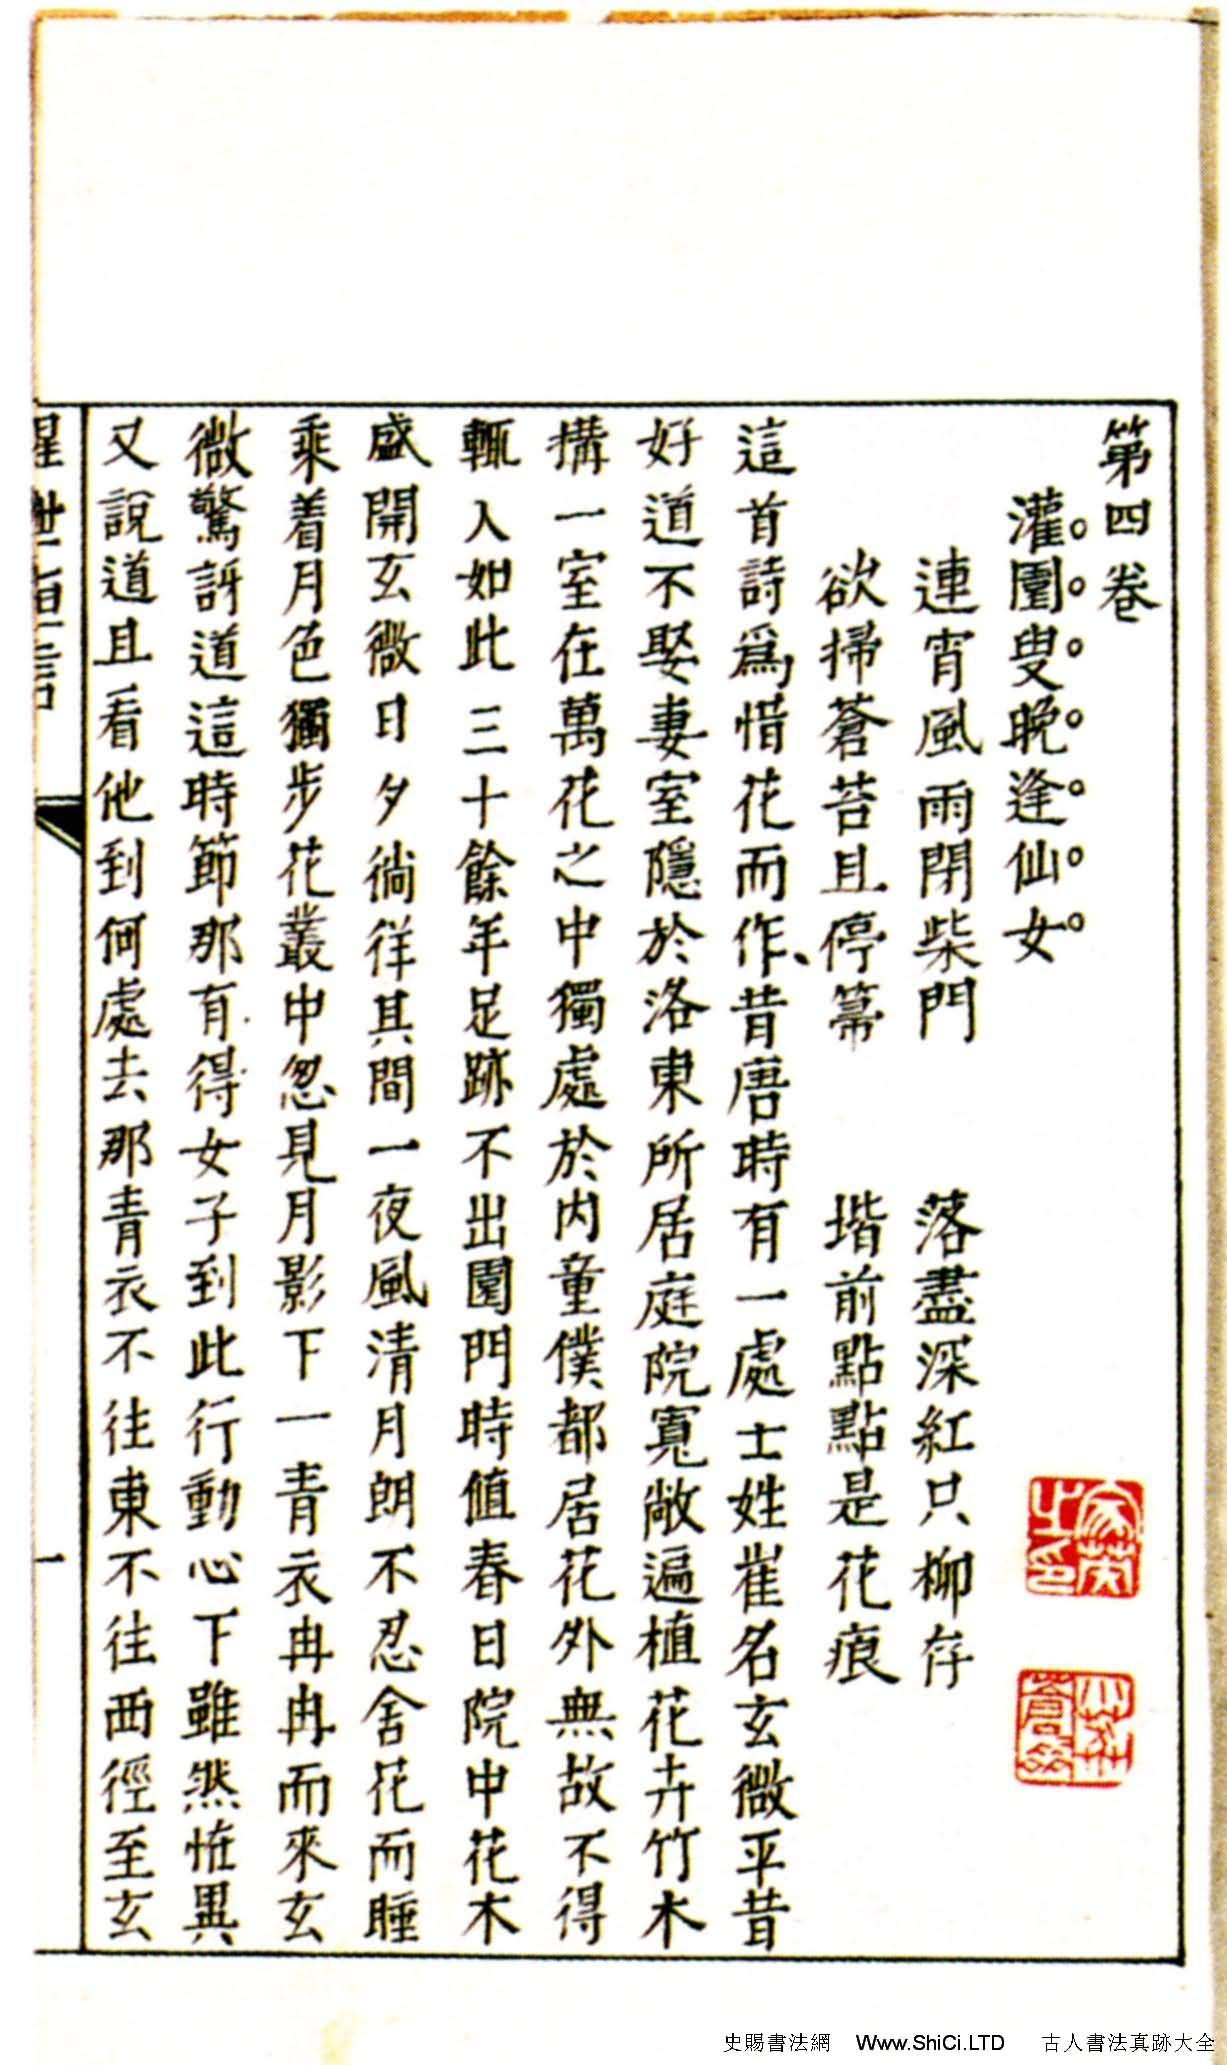 康生書法作品真跡手跡(共16張圖片)